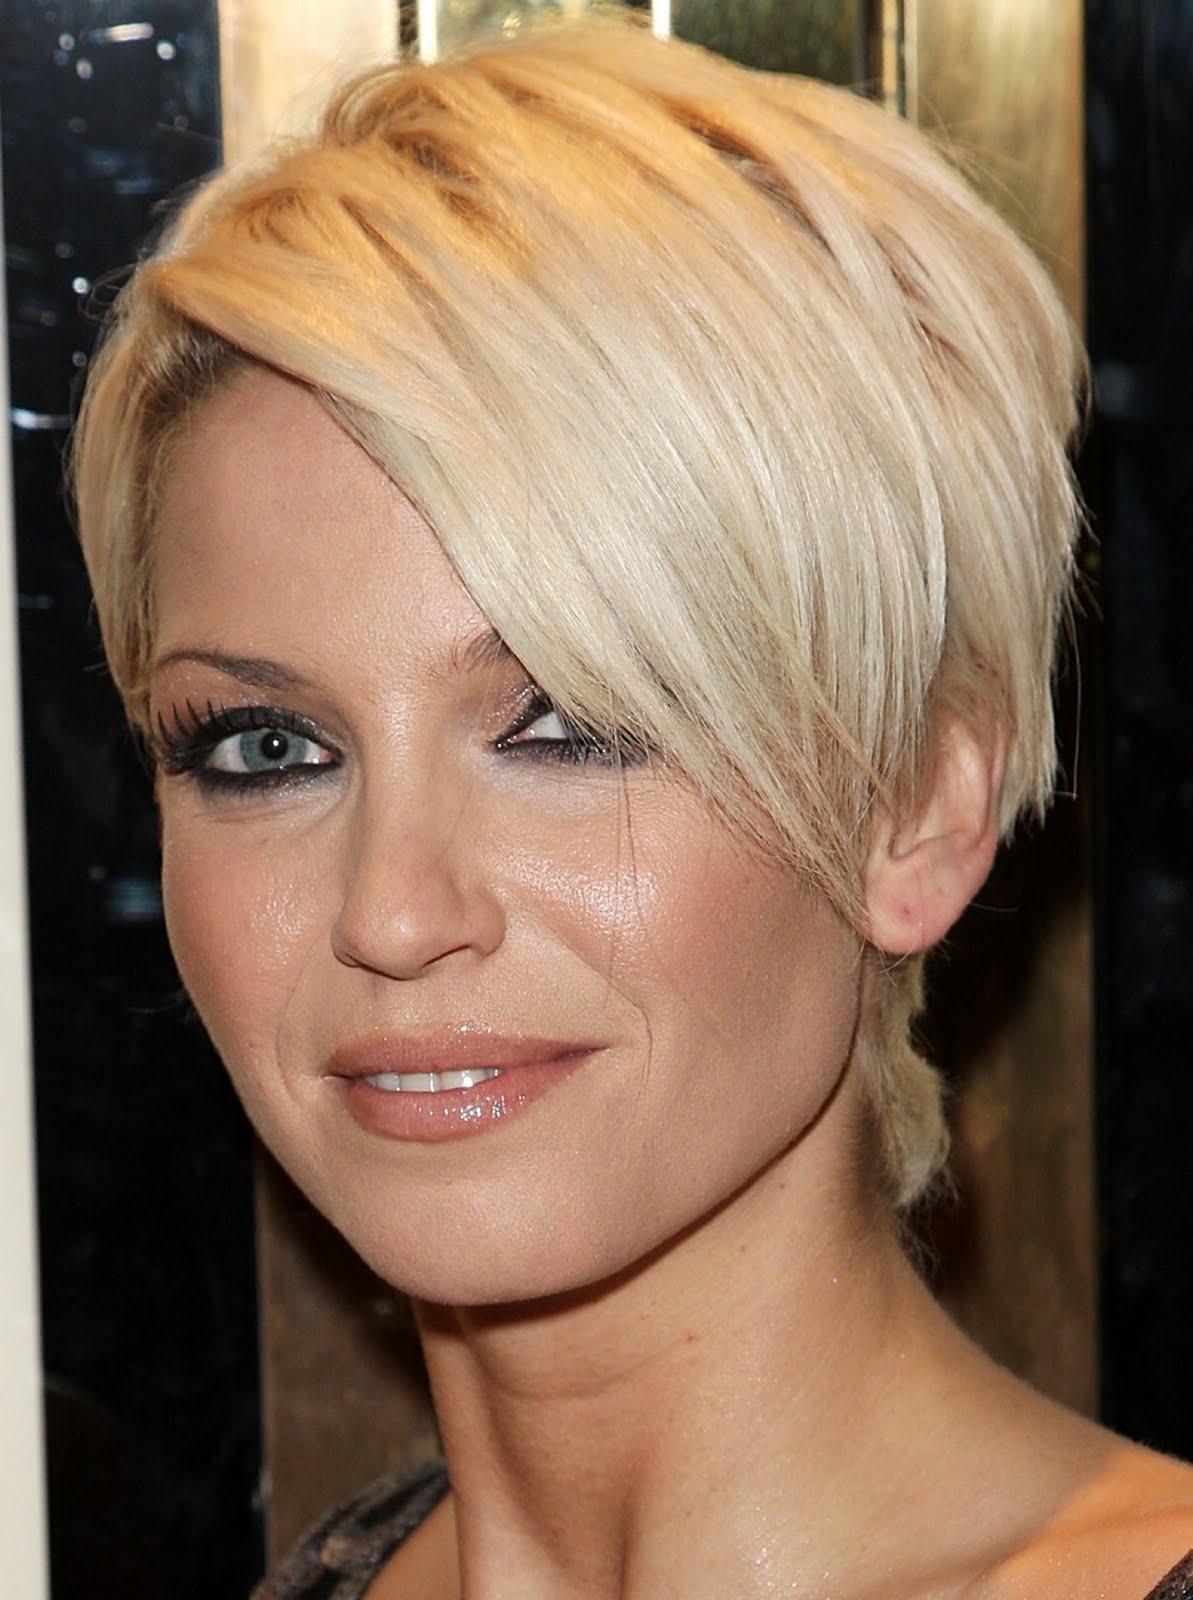 Sarah Harding Short Sleek Short Hair Platinum Blonde